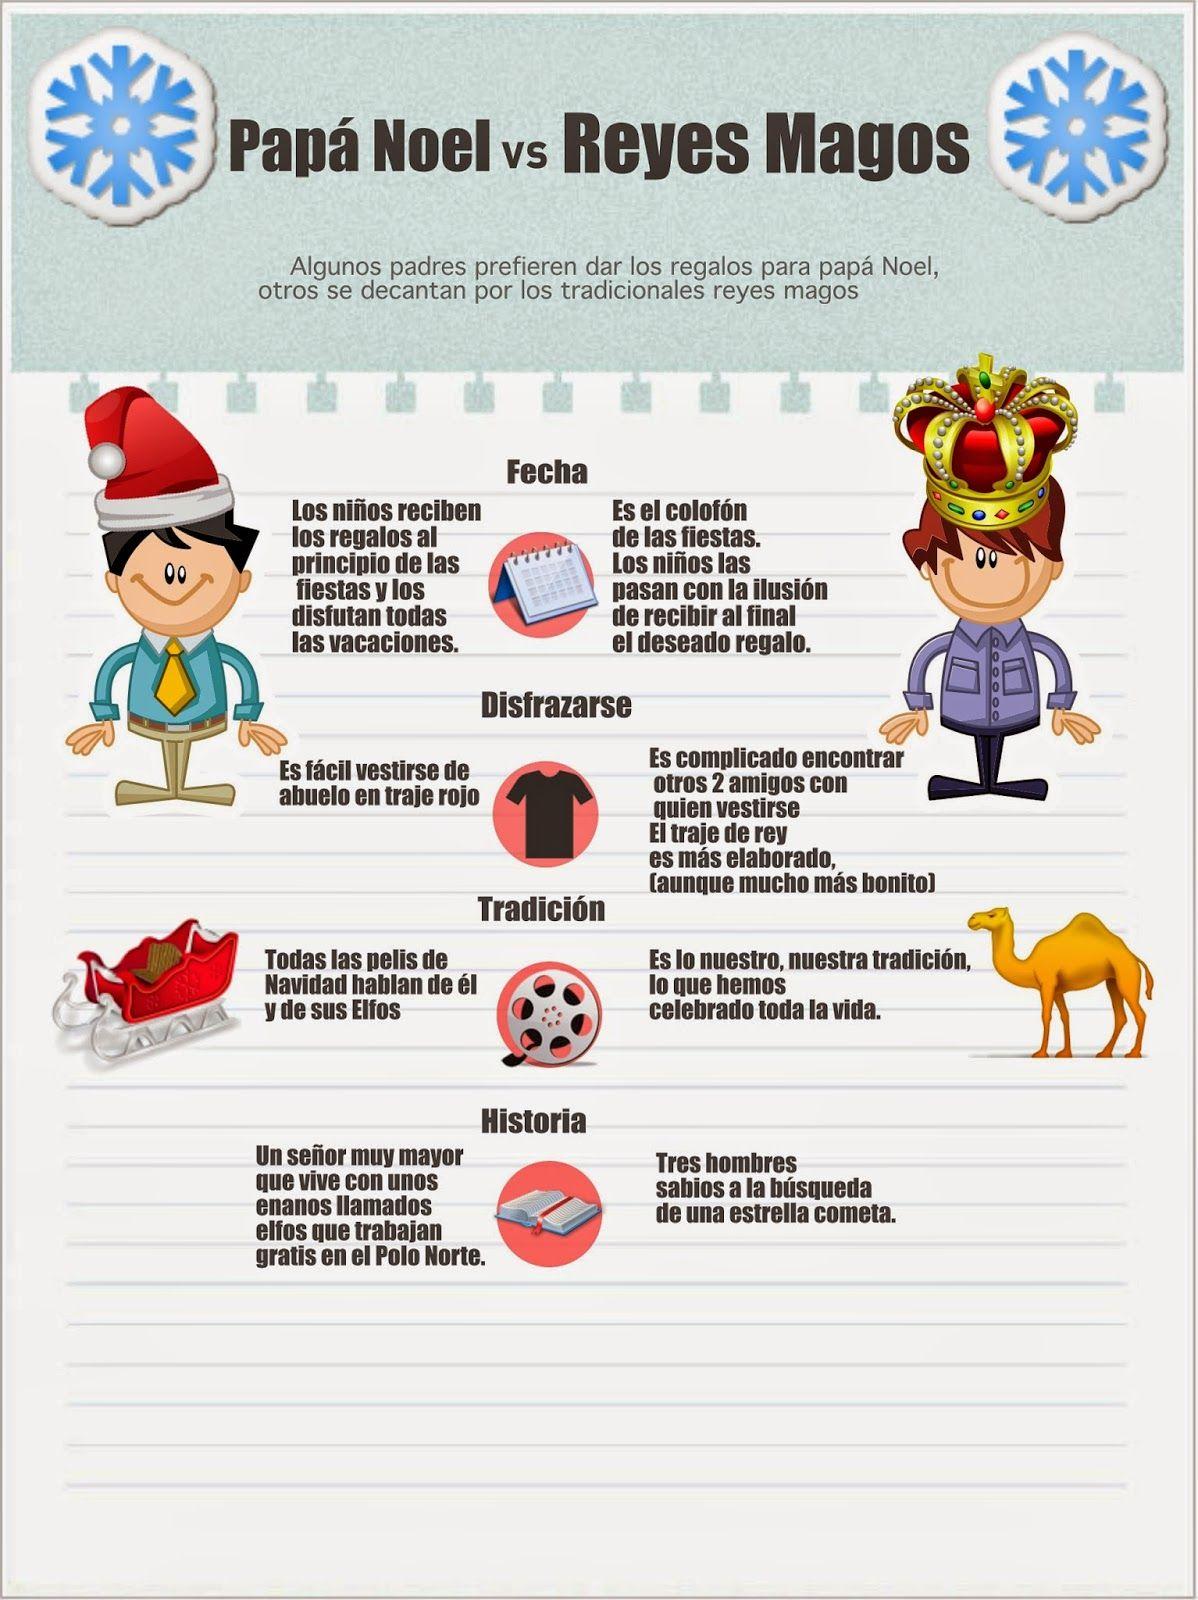 Fotos Papa Noel Reyes Magos.Infografia Papa Noel Vs Reyes Magos Y Tu De Quien Eres